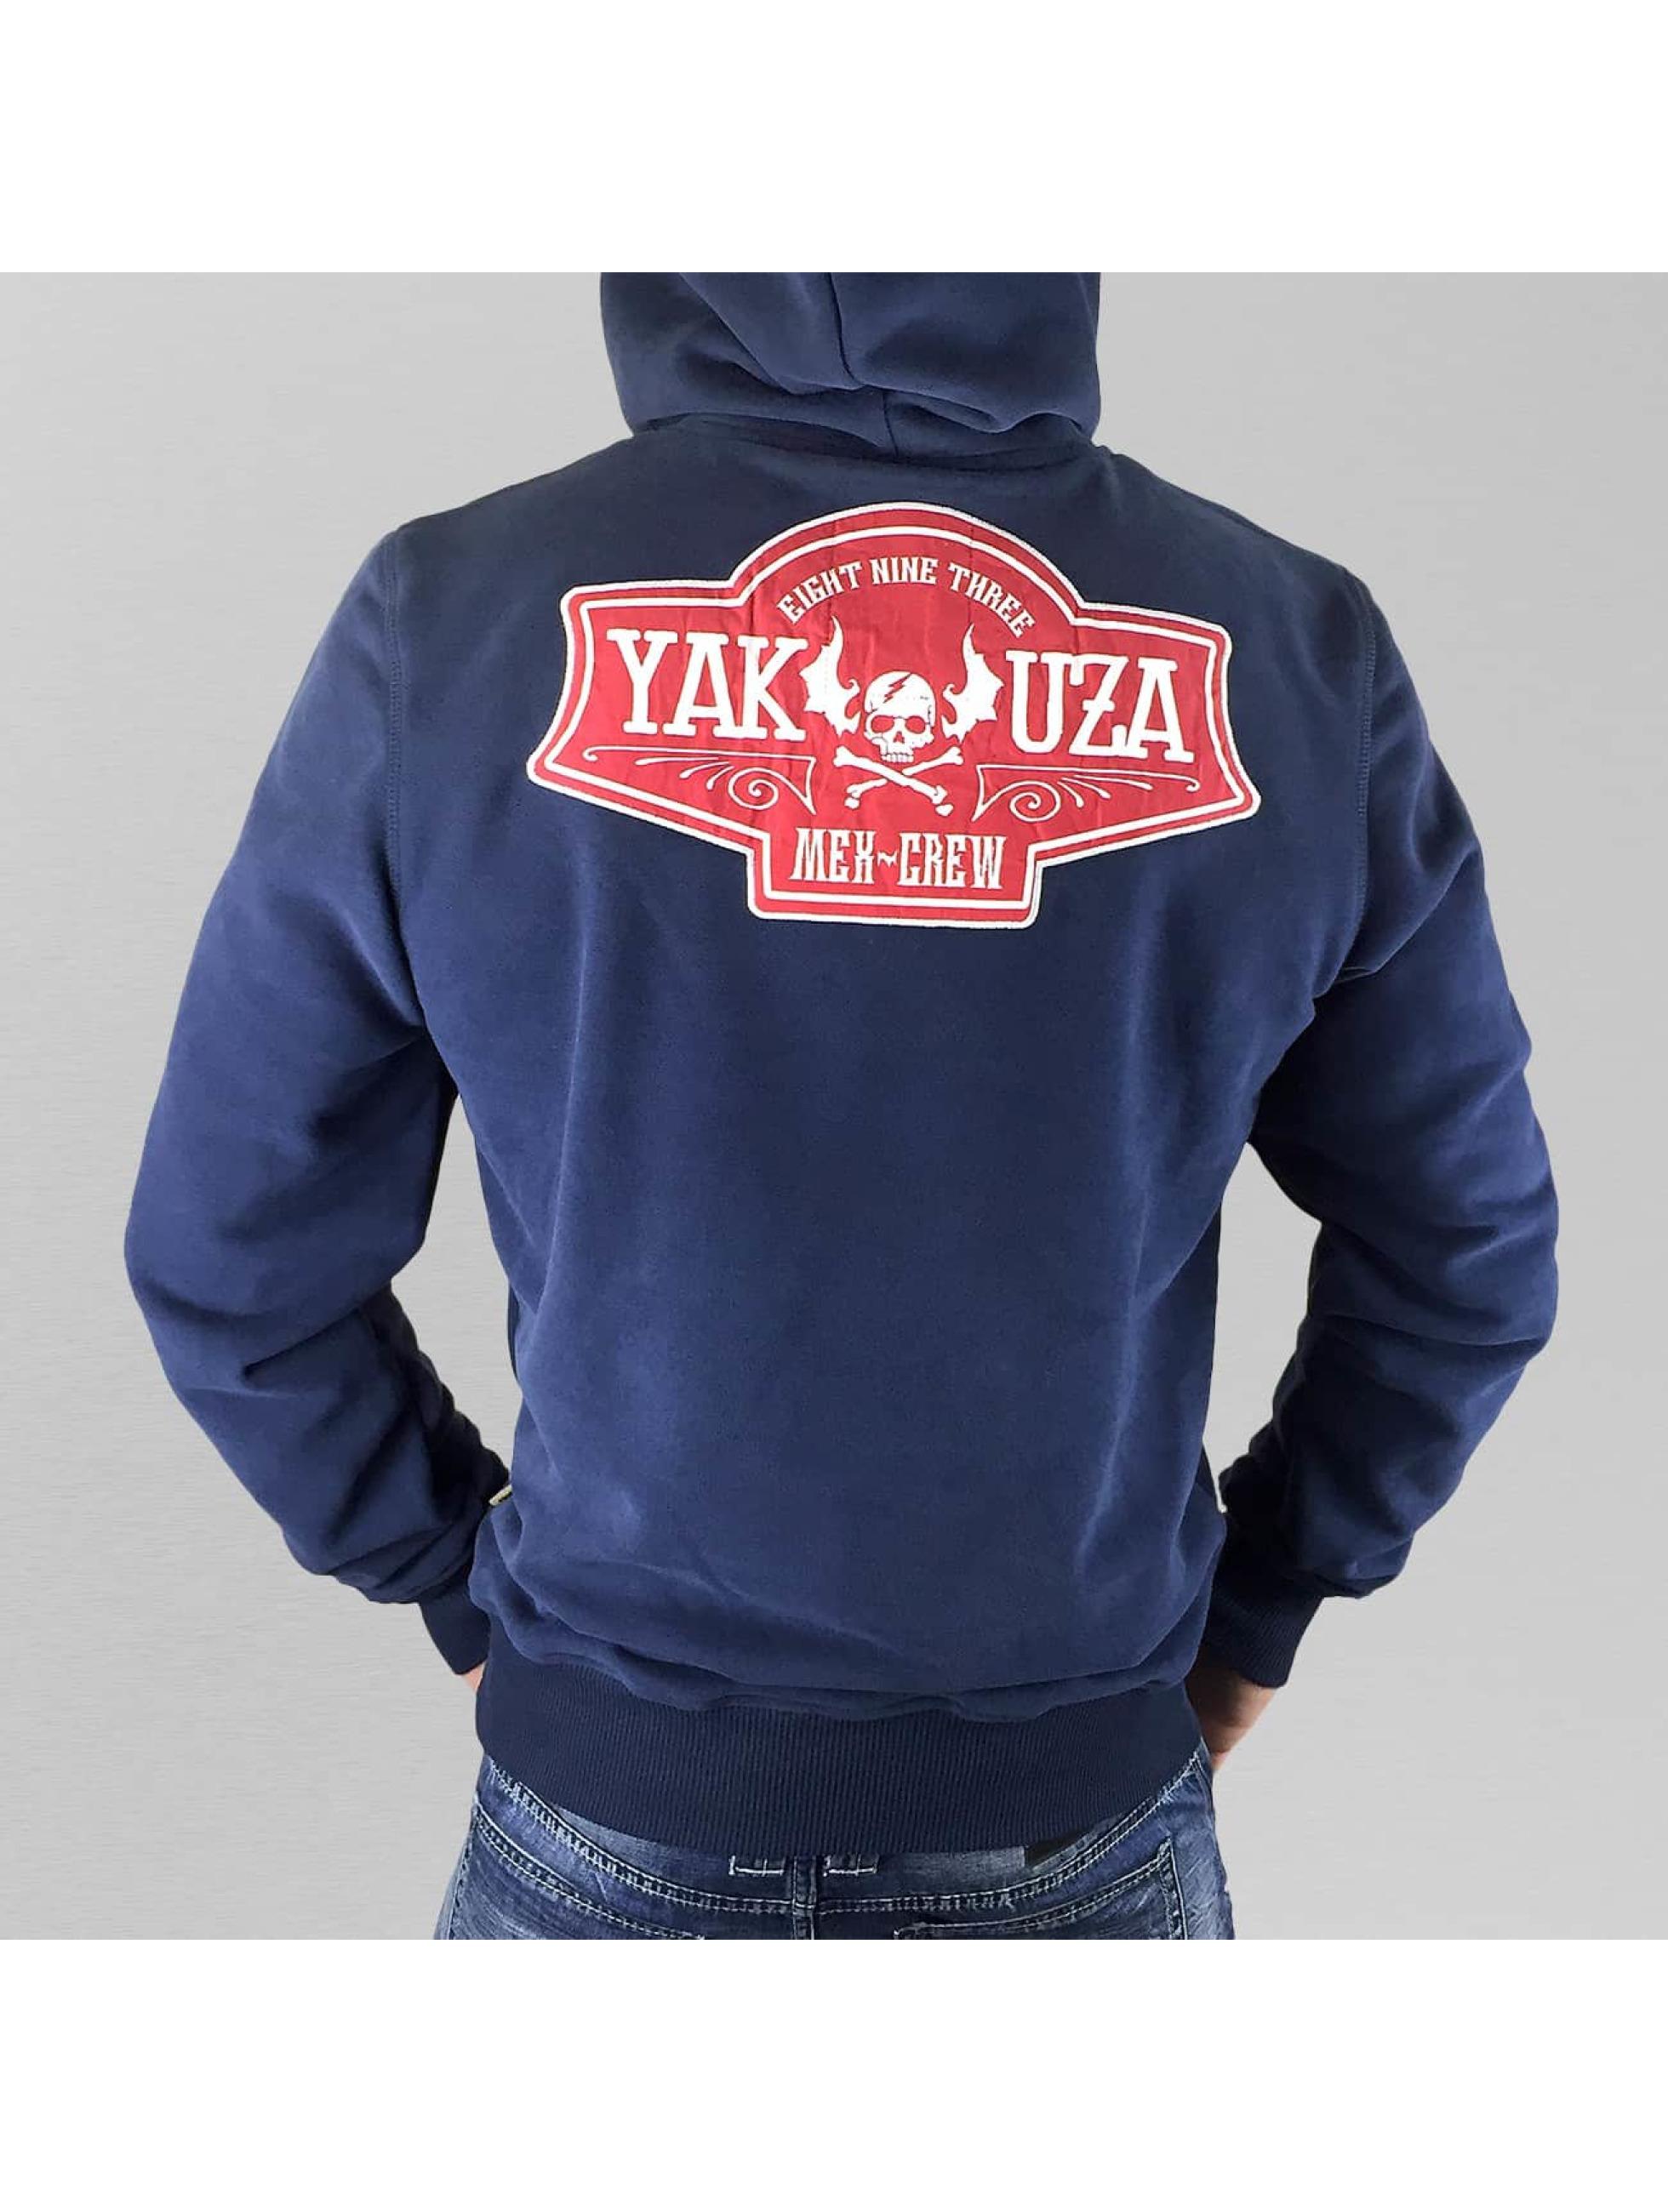 Yakuza Bluzy z kapturem Mex-Crew VO2 indygo